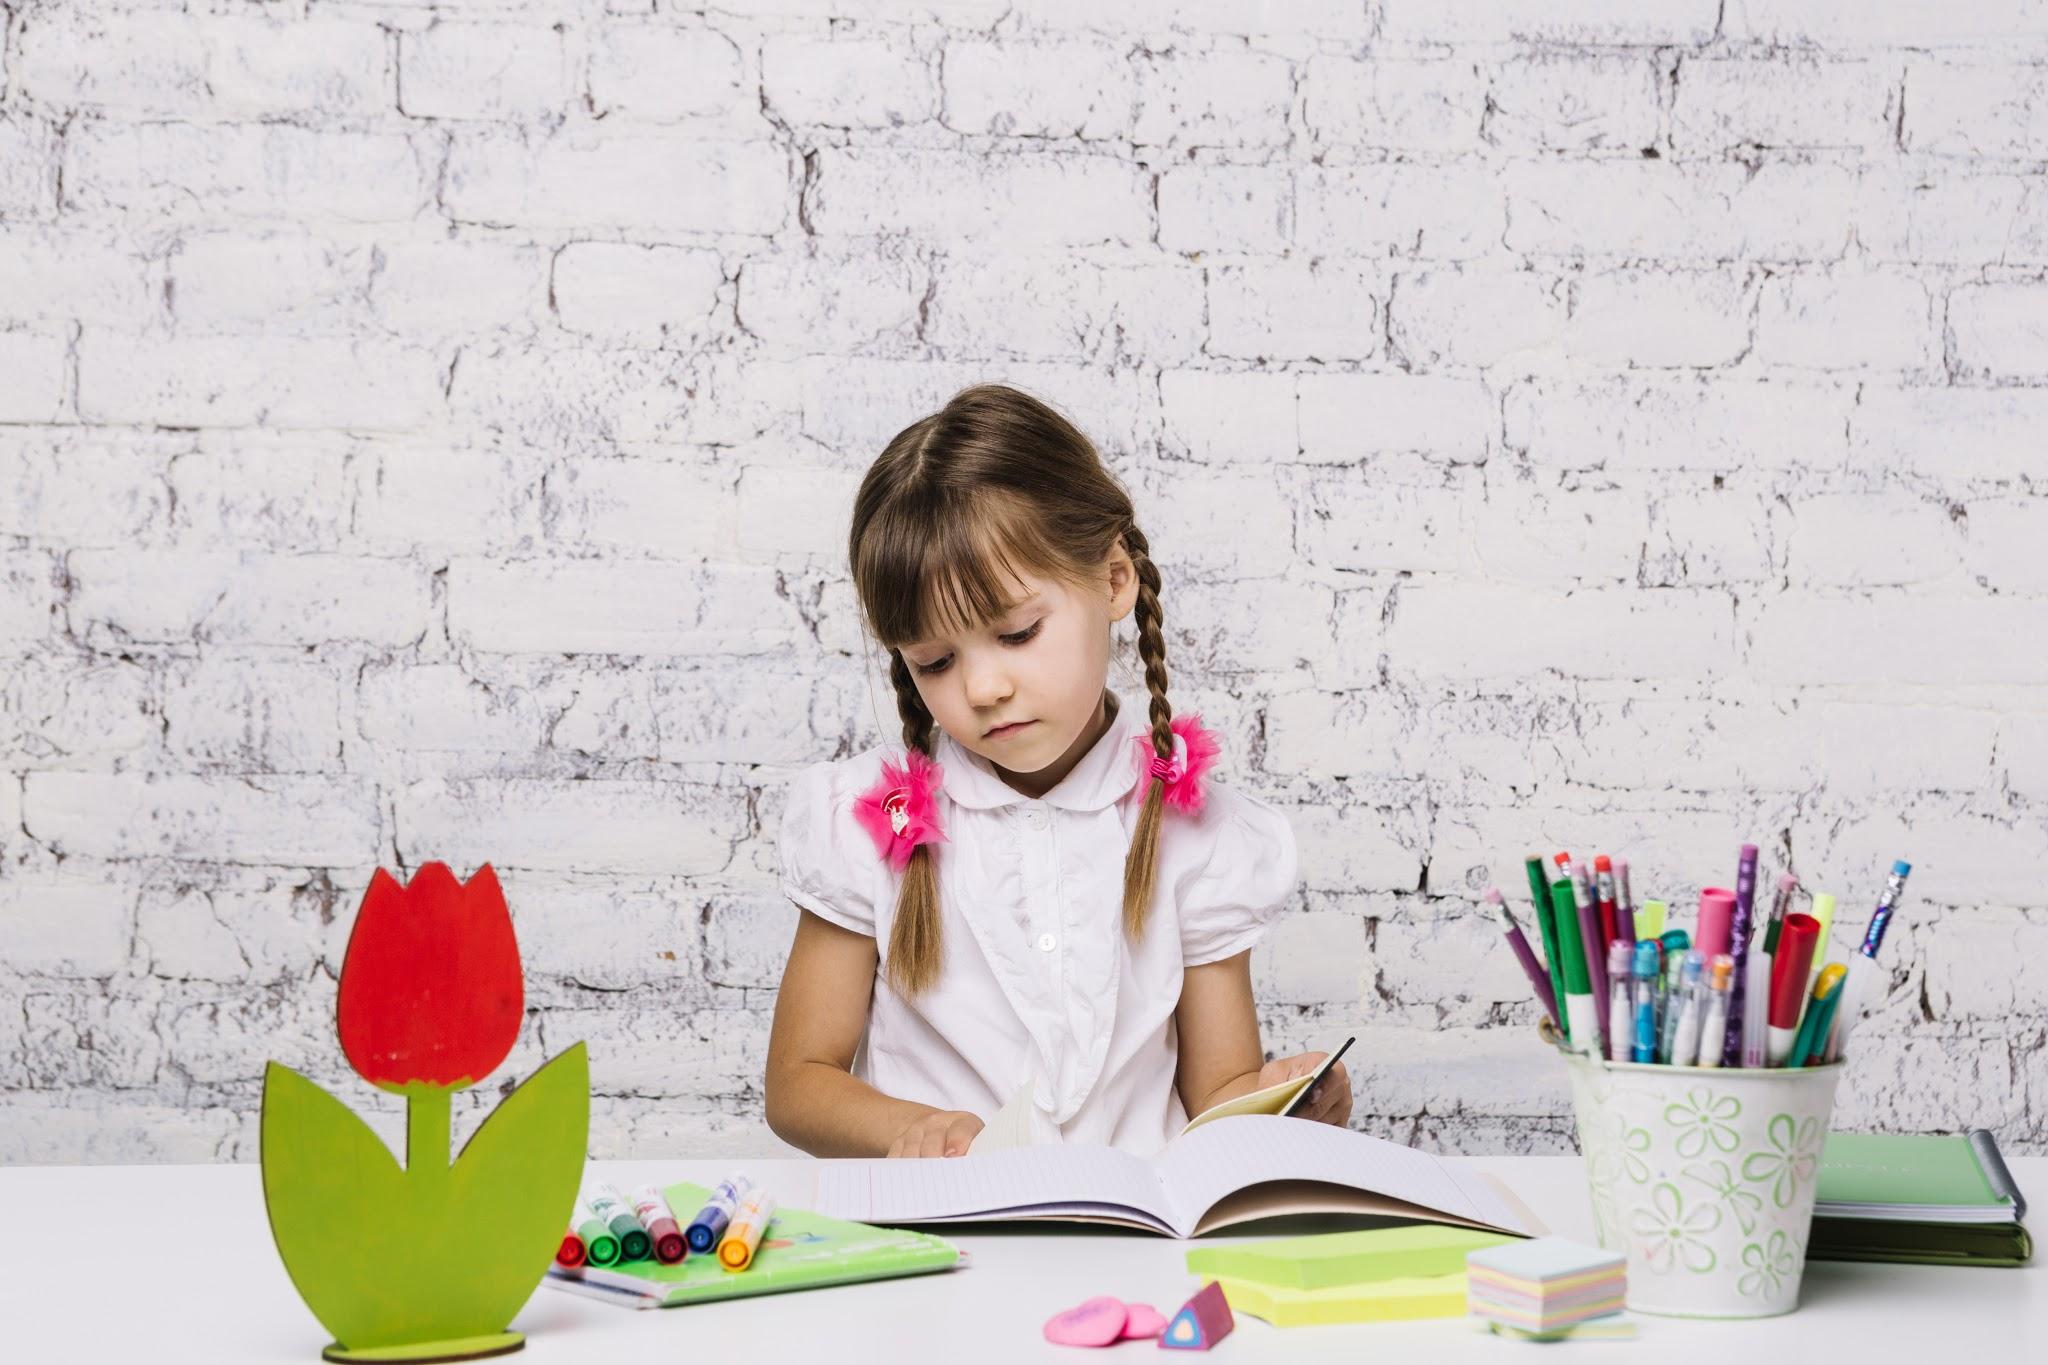 Comment trouver des activités extra-scolaires pour votre enfant